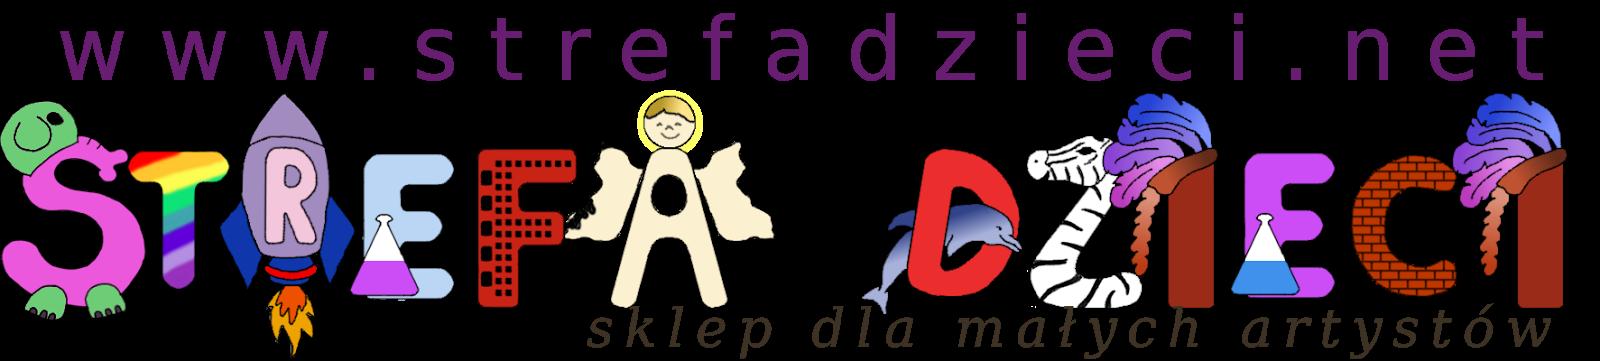 http://www.strefadzieci.net/